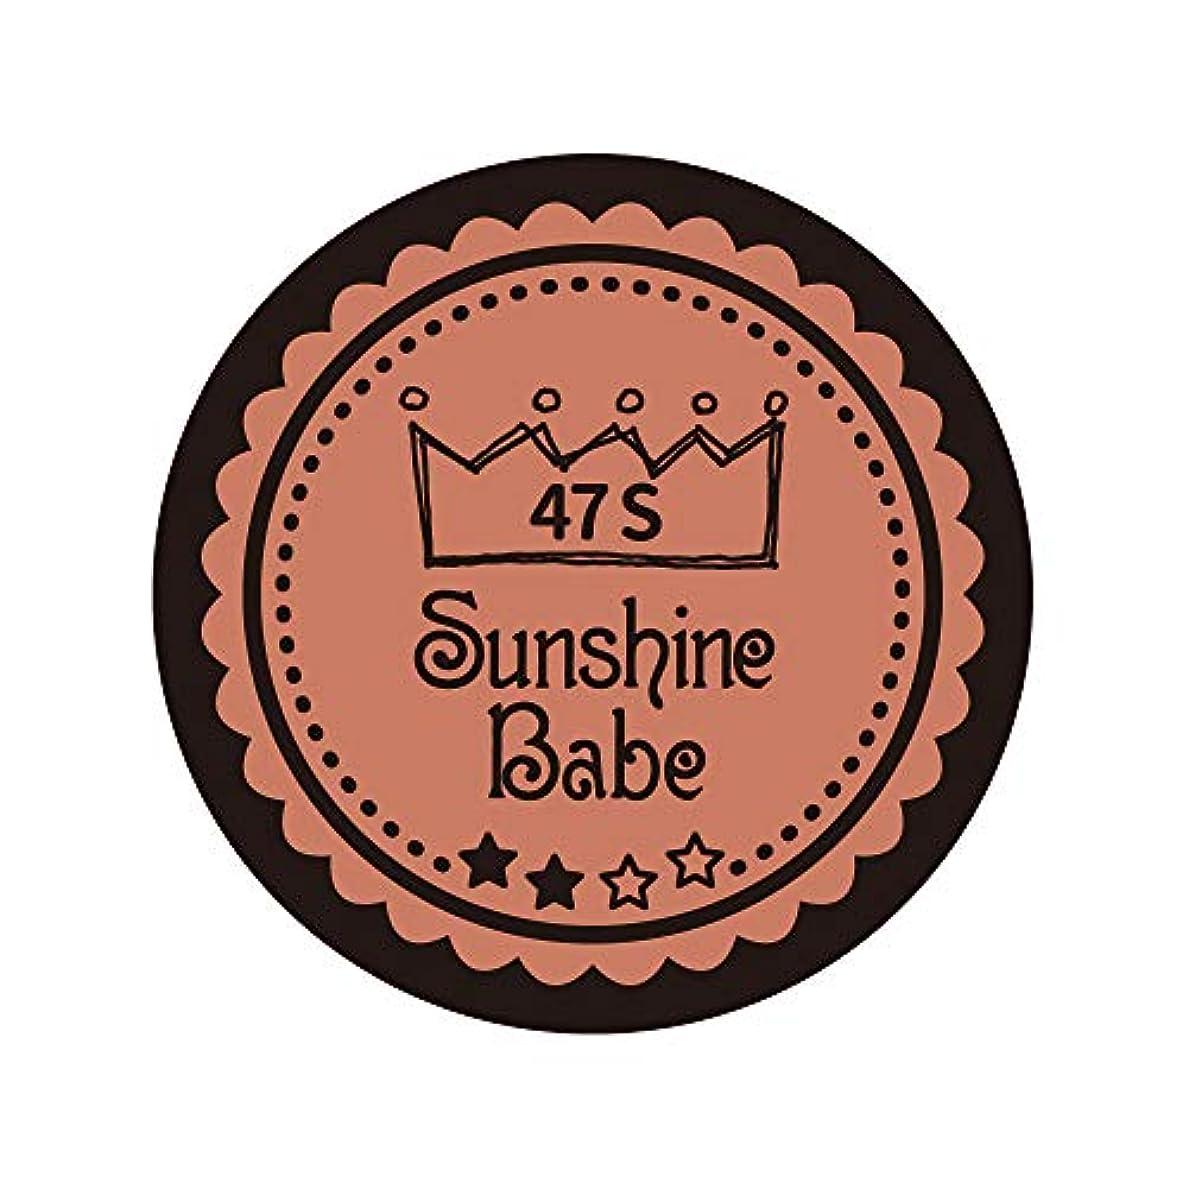 とんでもない責急性Sunshine Babe カラージェル 47S ピーチブラウン 4g UV/LED対応